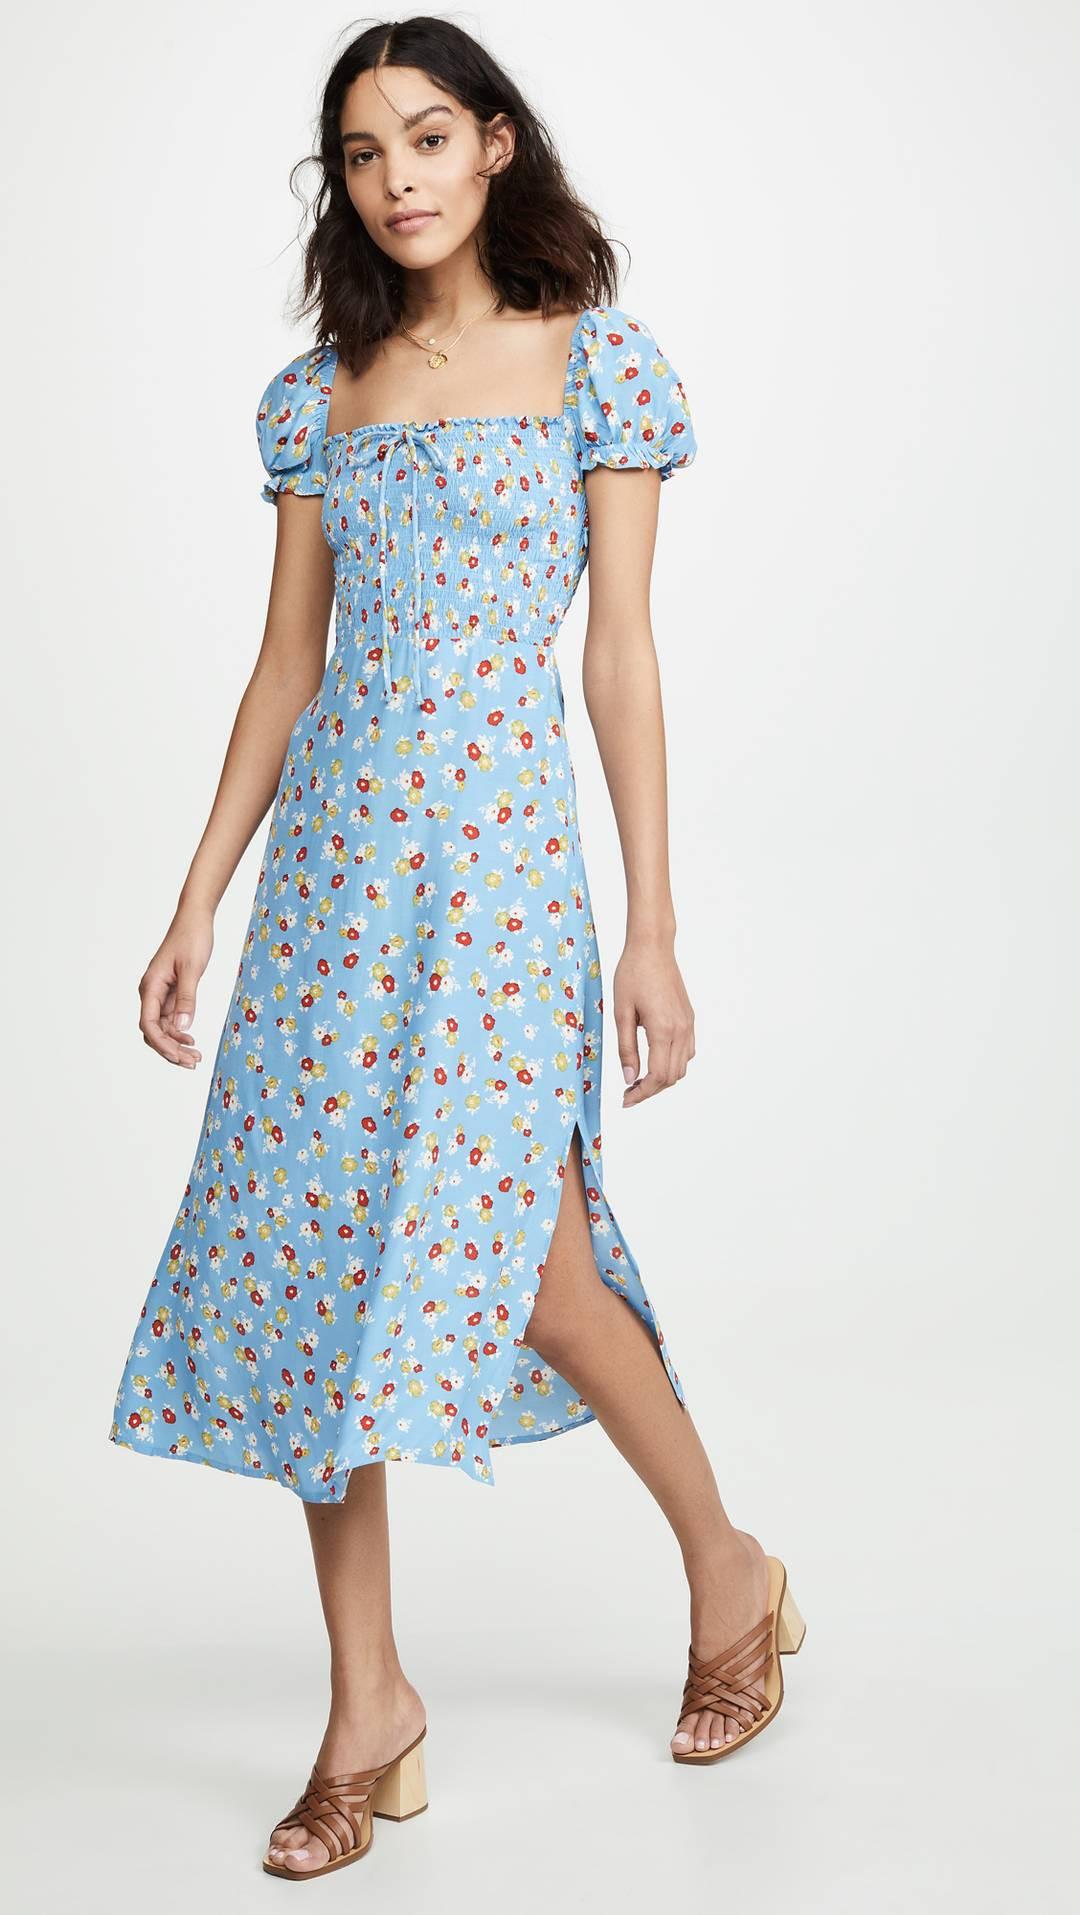 5 kiểu váy nhất định phải sắm trong mùa hè này, chị em hãy nhớ cập nhật cho kịp xu thế - Ảnh 7